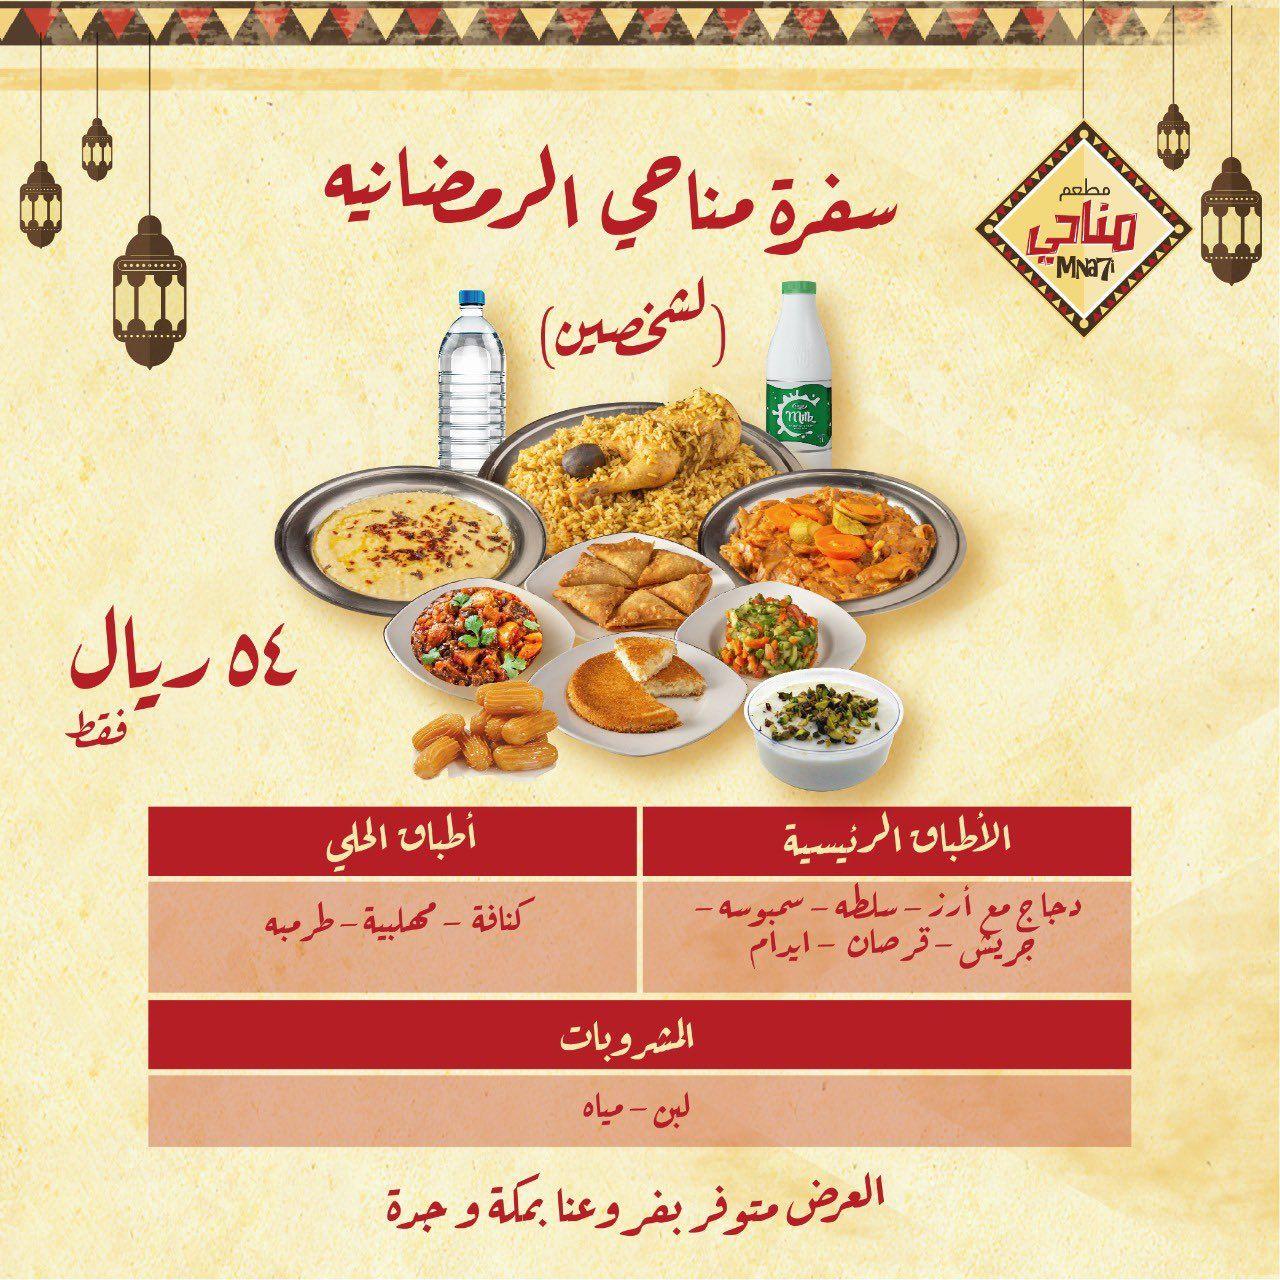 عروض رمضان عروض مطعم مناحي الرمضانية لشخصين بـ 54 ريال سعودي عروض اليوم Food